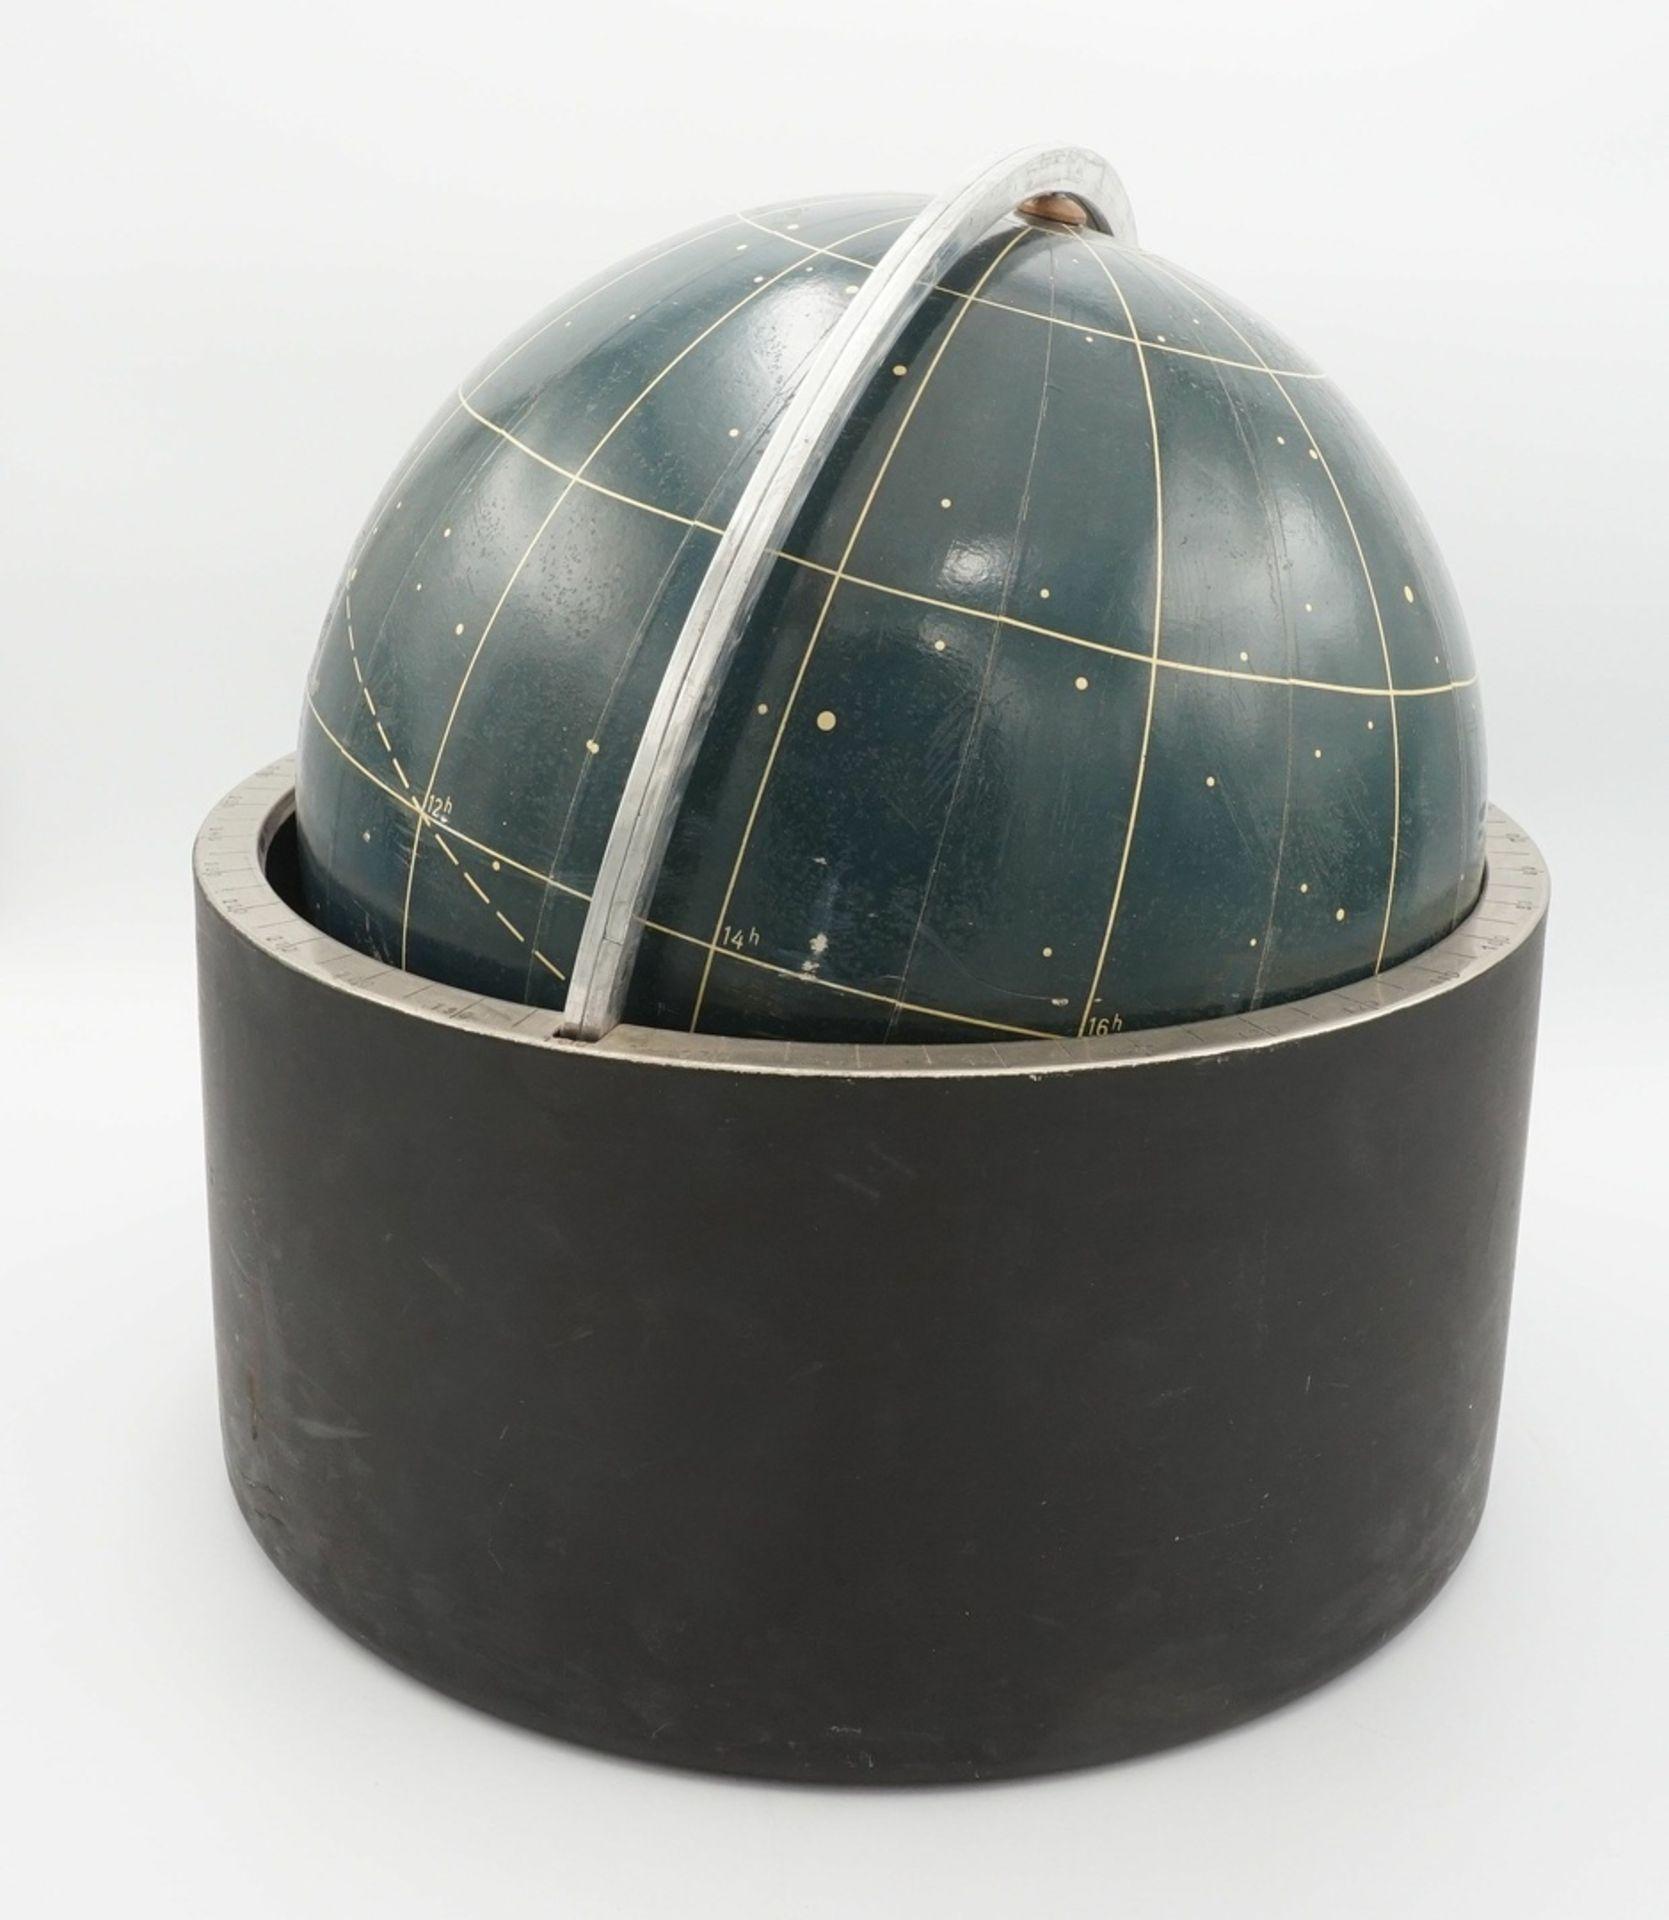 Himmelsglobus von Erich Bartl, wohl um 1970 - Bild 2 aus 2